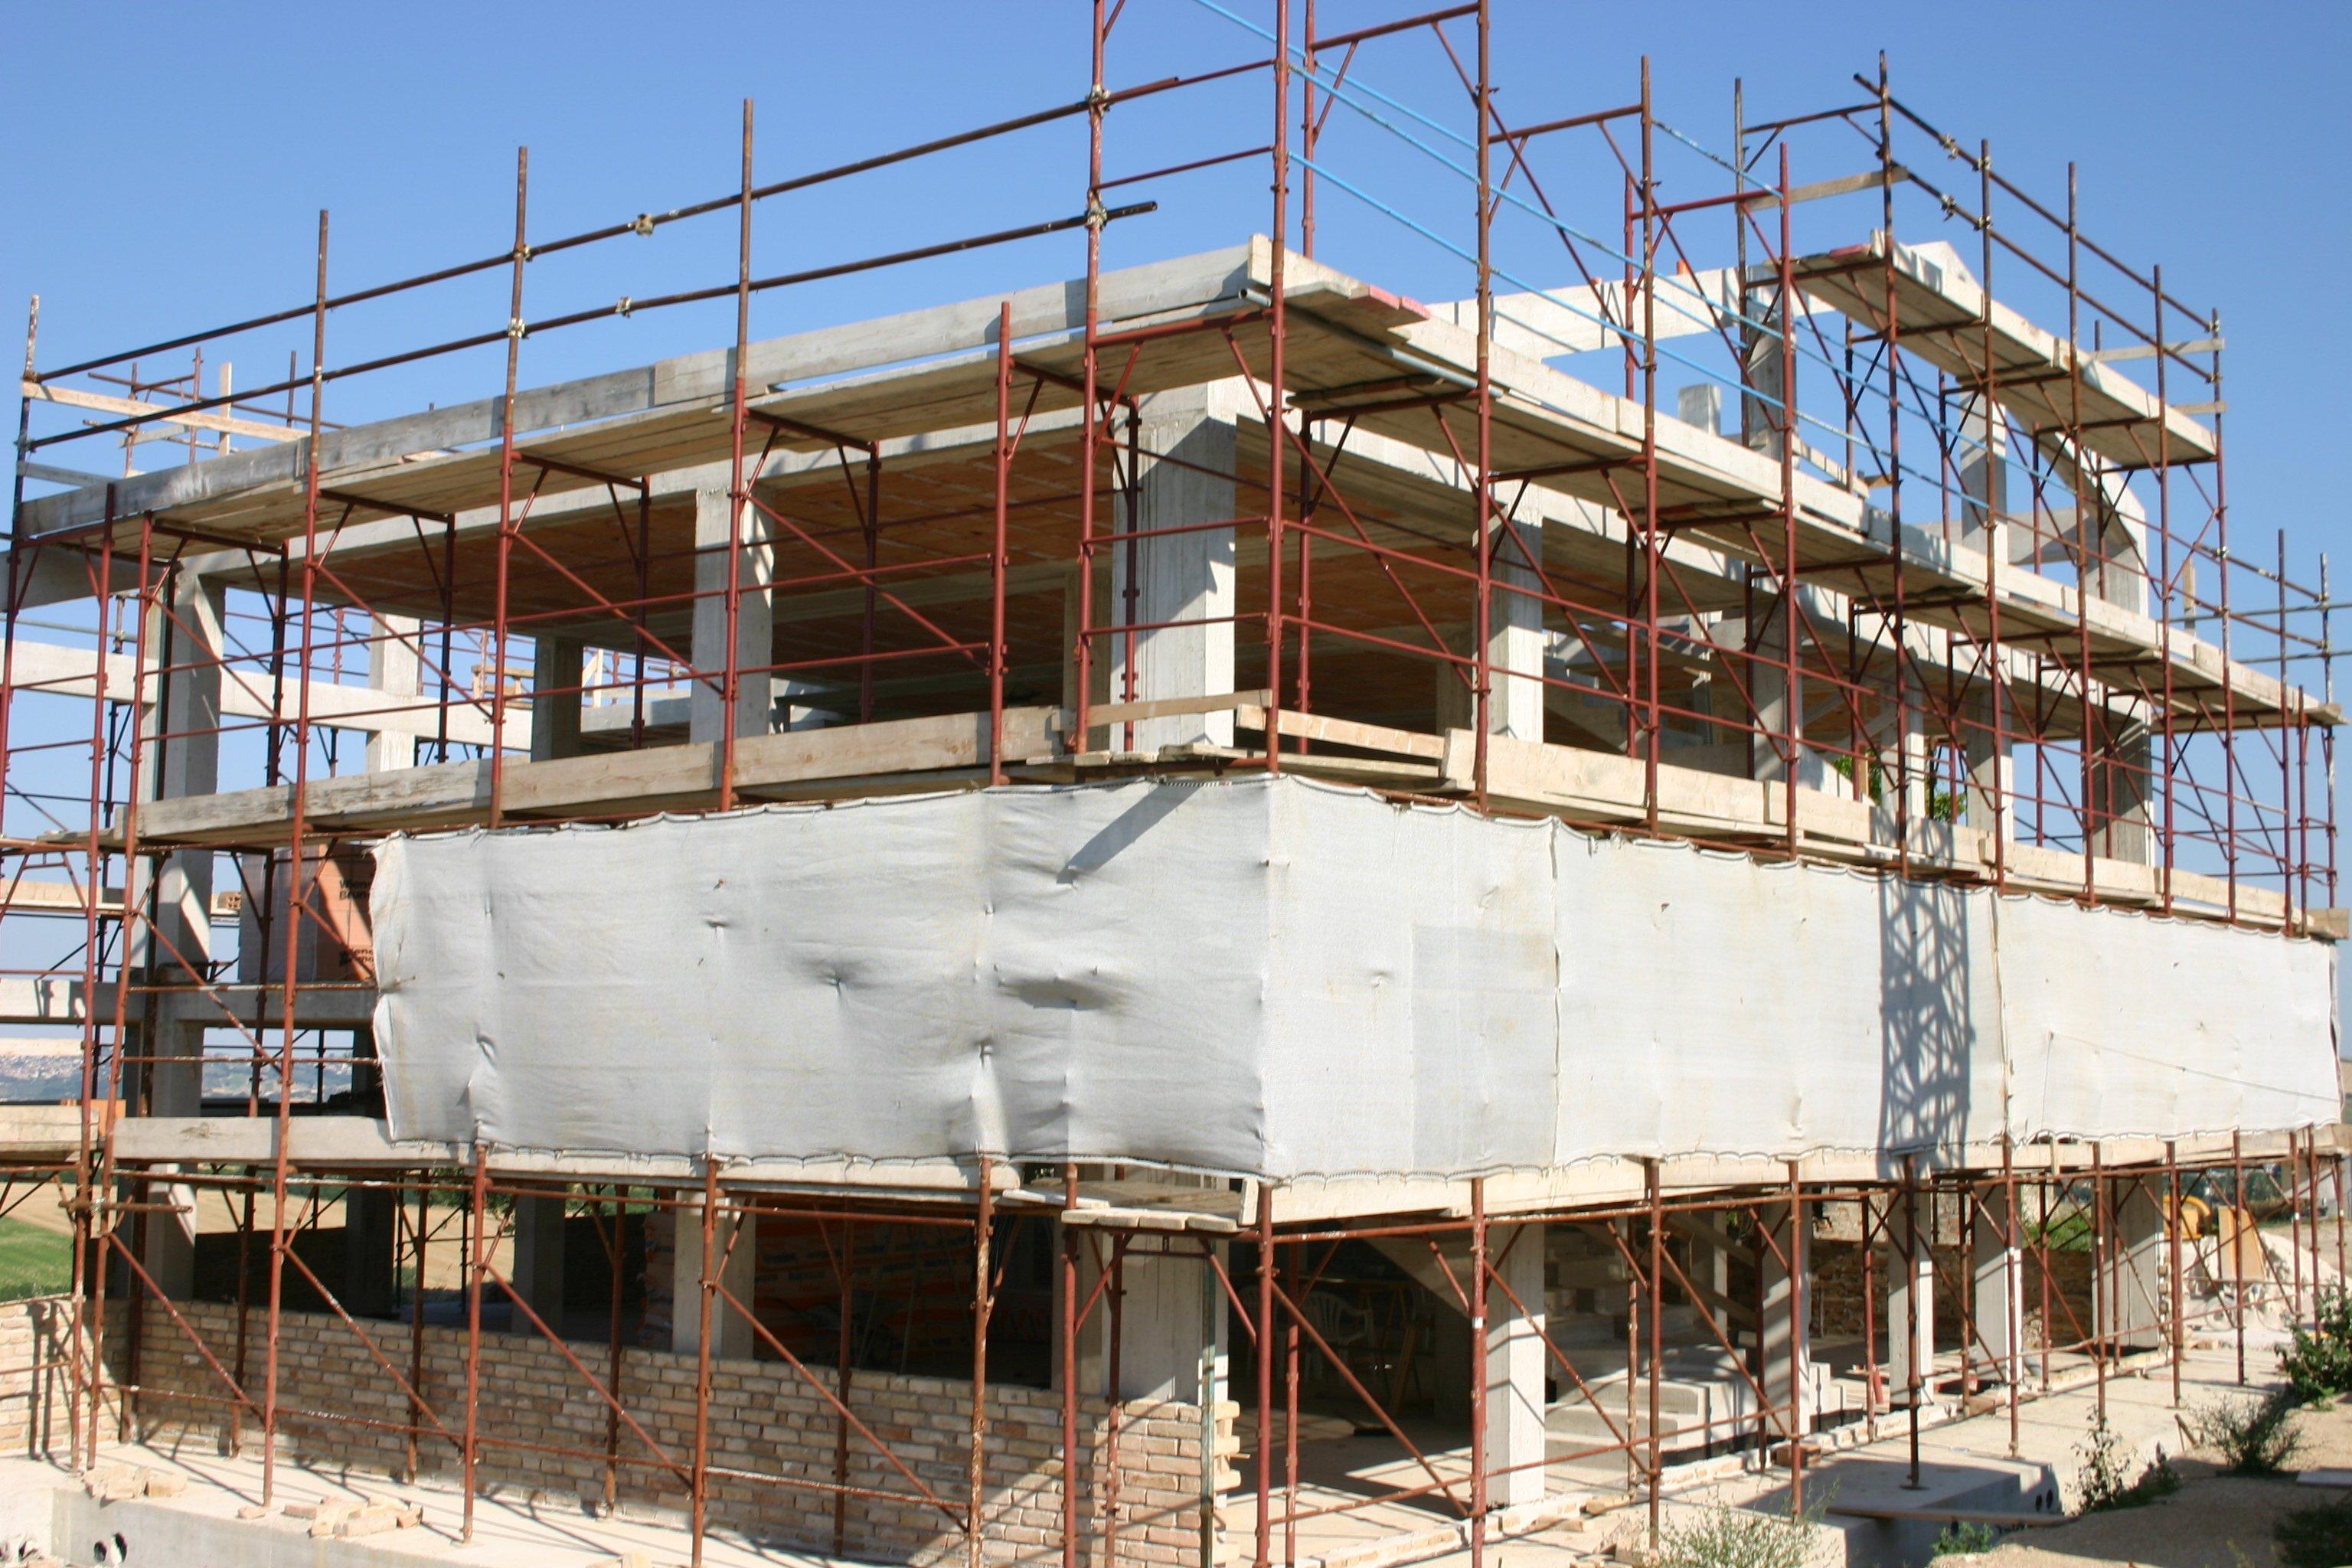 Esterno fabbricato in costruzione